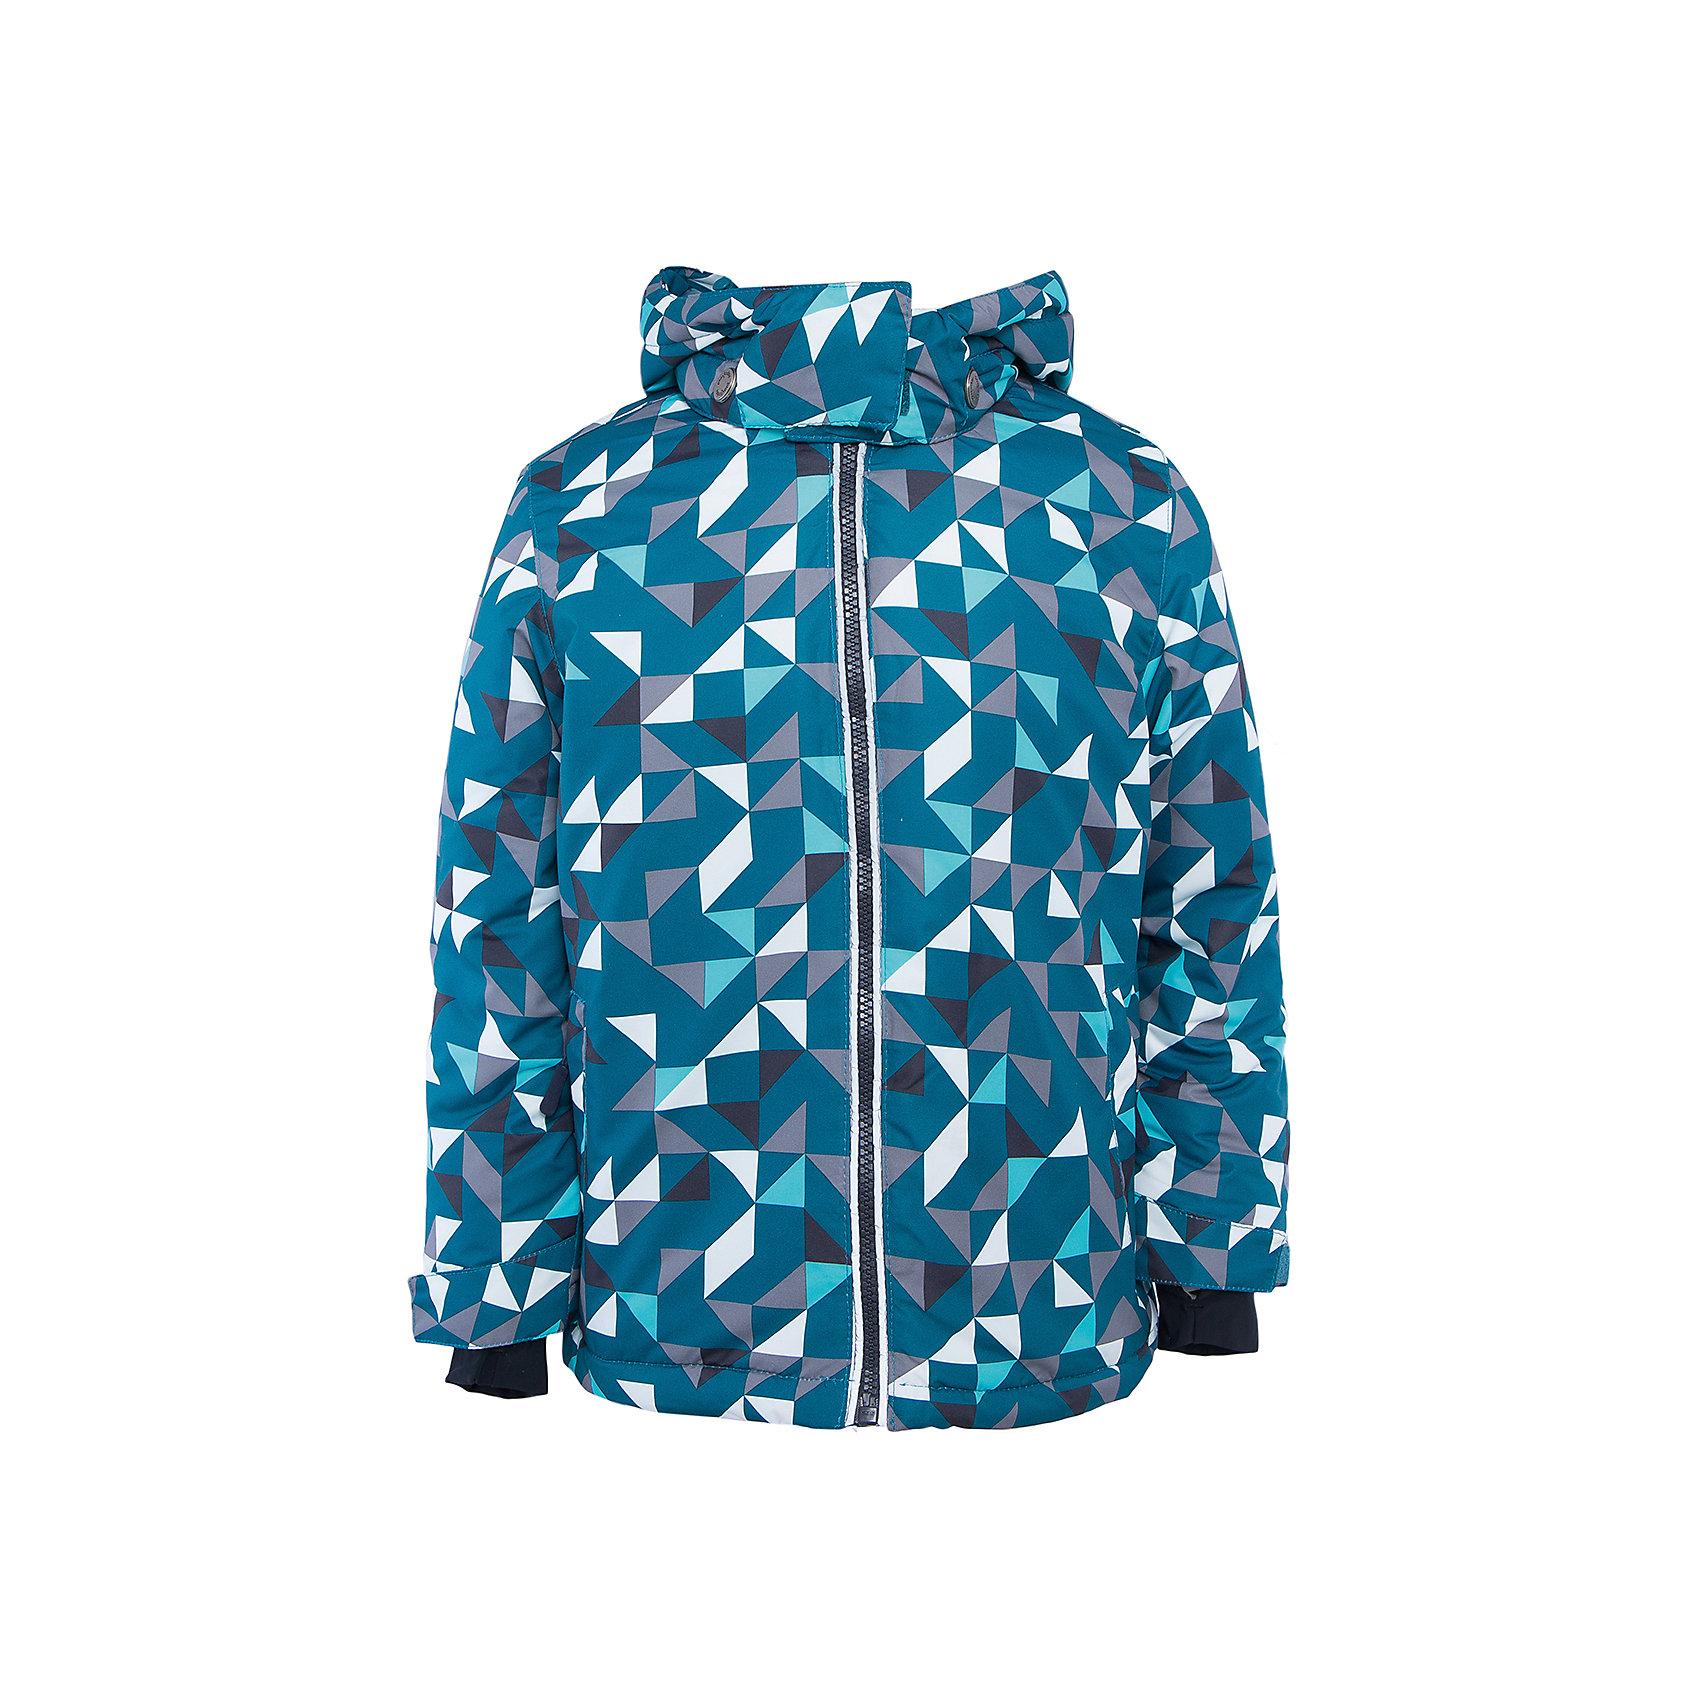 Куртка для мальчика PlayTodayКуртка для мальчика от известного бренда PlayToday.<br>Яркая стильная куртка, созданная с учетом всех фишек горнолыжной одежды. Капюшон утягивается стопперами и удобно отстегивается.   Внутри уютная флисовая подкладка. Застегивается на молнию с внутренней ветрозащитной планкой. Есть два функциональных кармана на молнии и светоотражатели. Внутри есть специальная вставка на резинке, пристегнув которую вы надежно защитите малыша от снега. Низ утягивается стопперами.<br>Состав:<br>Верх: 100% полиэстер, Подкладка: 100% полиэстер, Наполнитель: 100% полиэстер, 300 г/м2<br><br>Ширина мм: 356<br>Глубина мм: 10<br>Высота мм: 245<br>Вес г: 519<br>Цвет: разноцветный<br>Возраст от месяцев: 36<br>Возраст до месяцев: 48<br>Пол: Мужской<br>Возраст: Детский<br>Размер: 104,98,122,110,116,128<br>SKU: 4898215